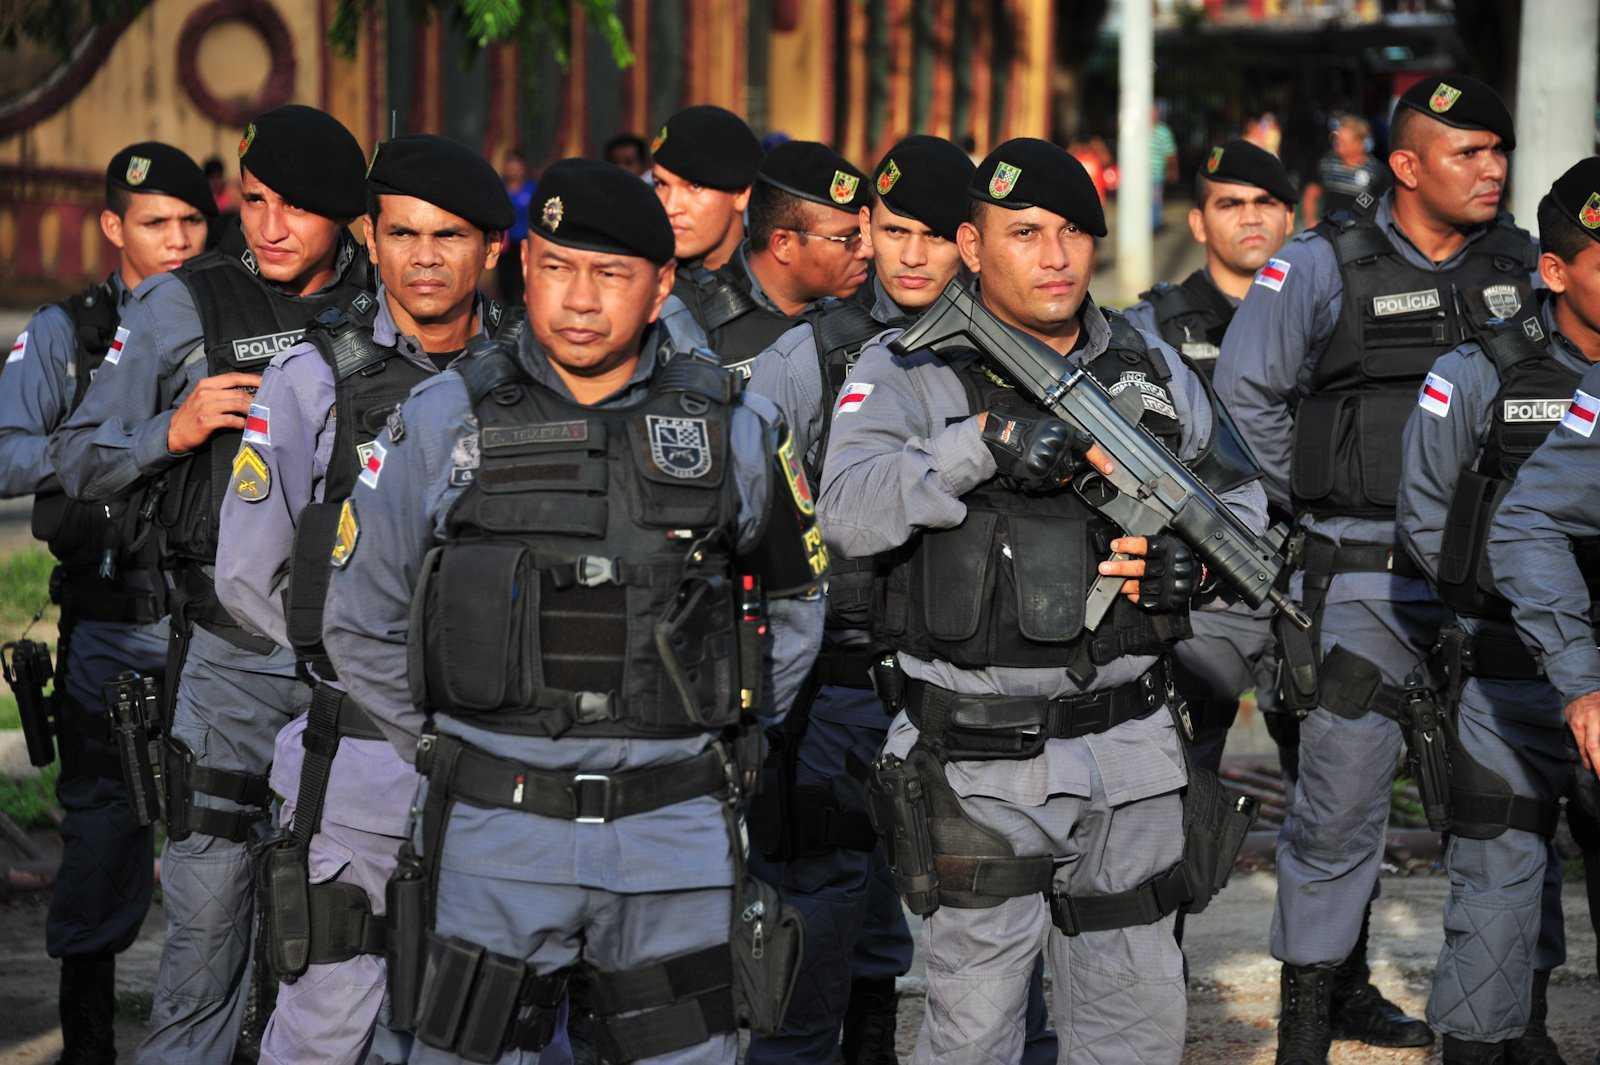 CONFIRMADO: Serão cerca de 18 mil vagas e salários que vão variar de R$ 1 mil a R$ 14 mil / Foto : Divulgação